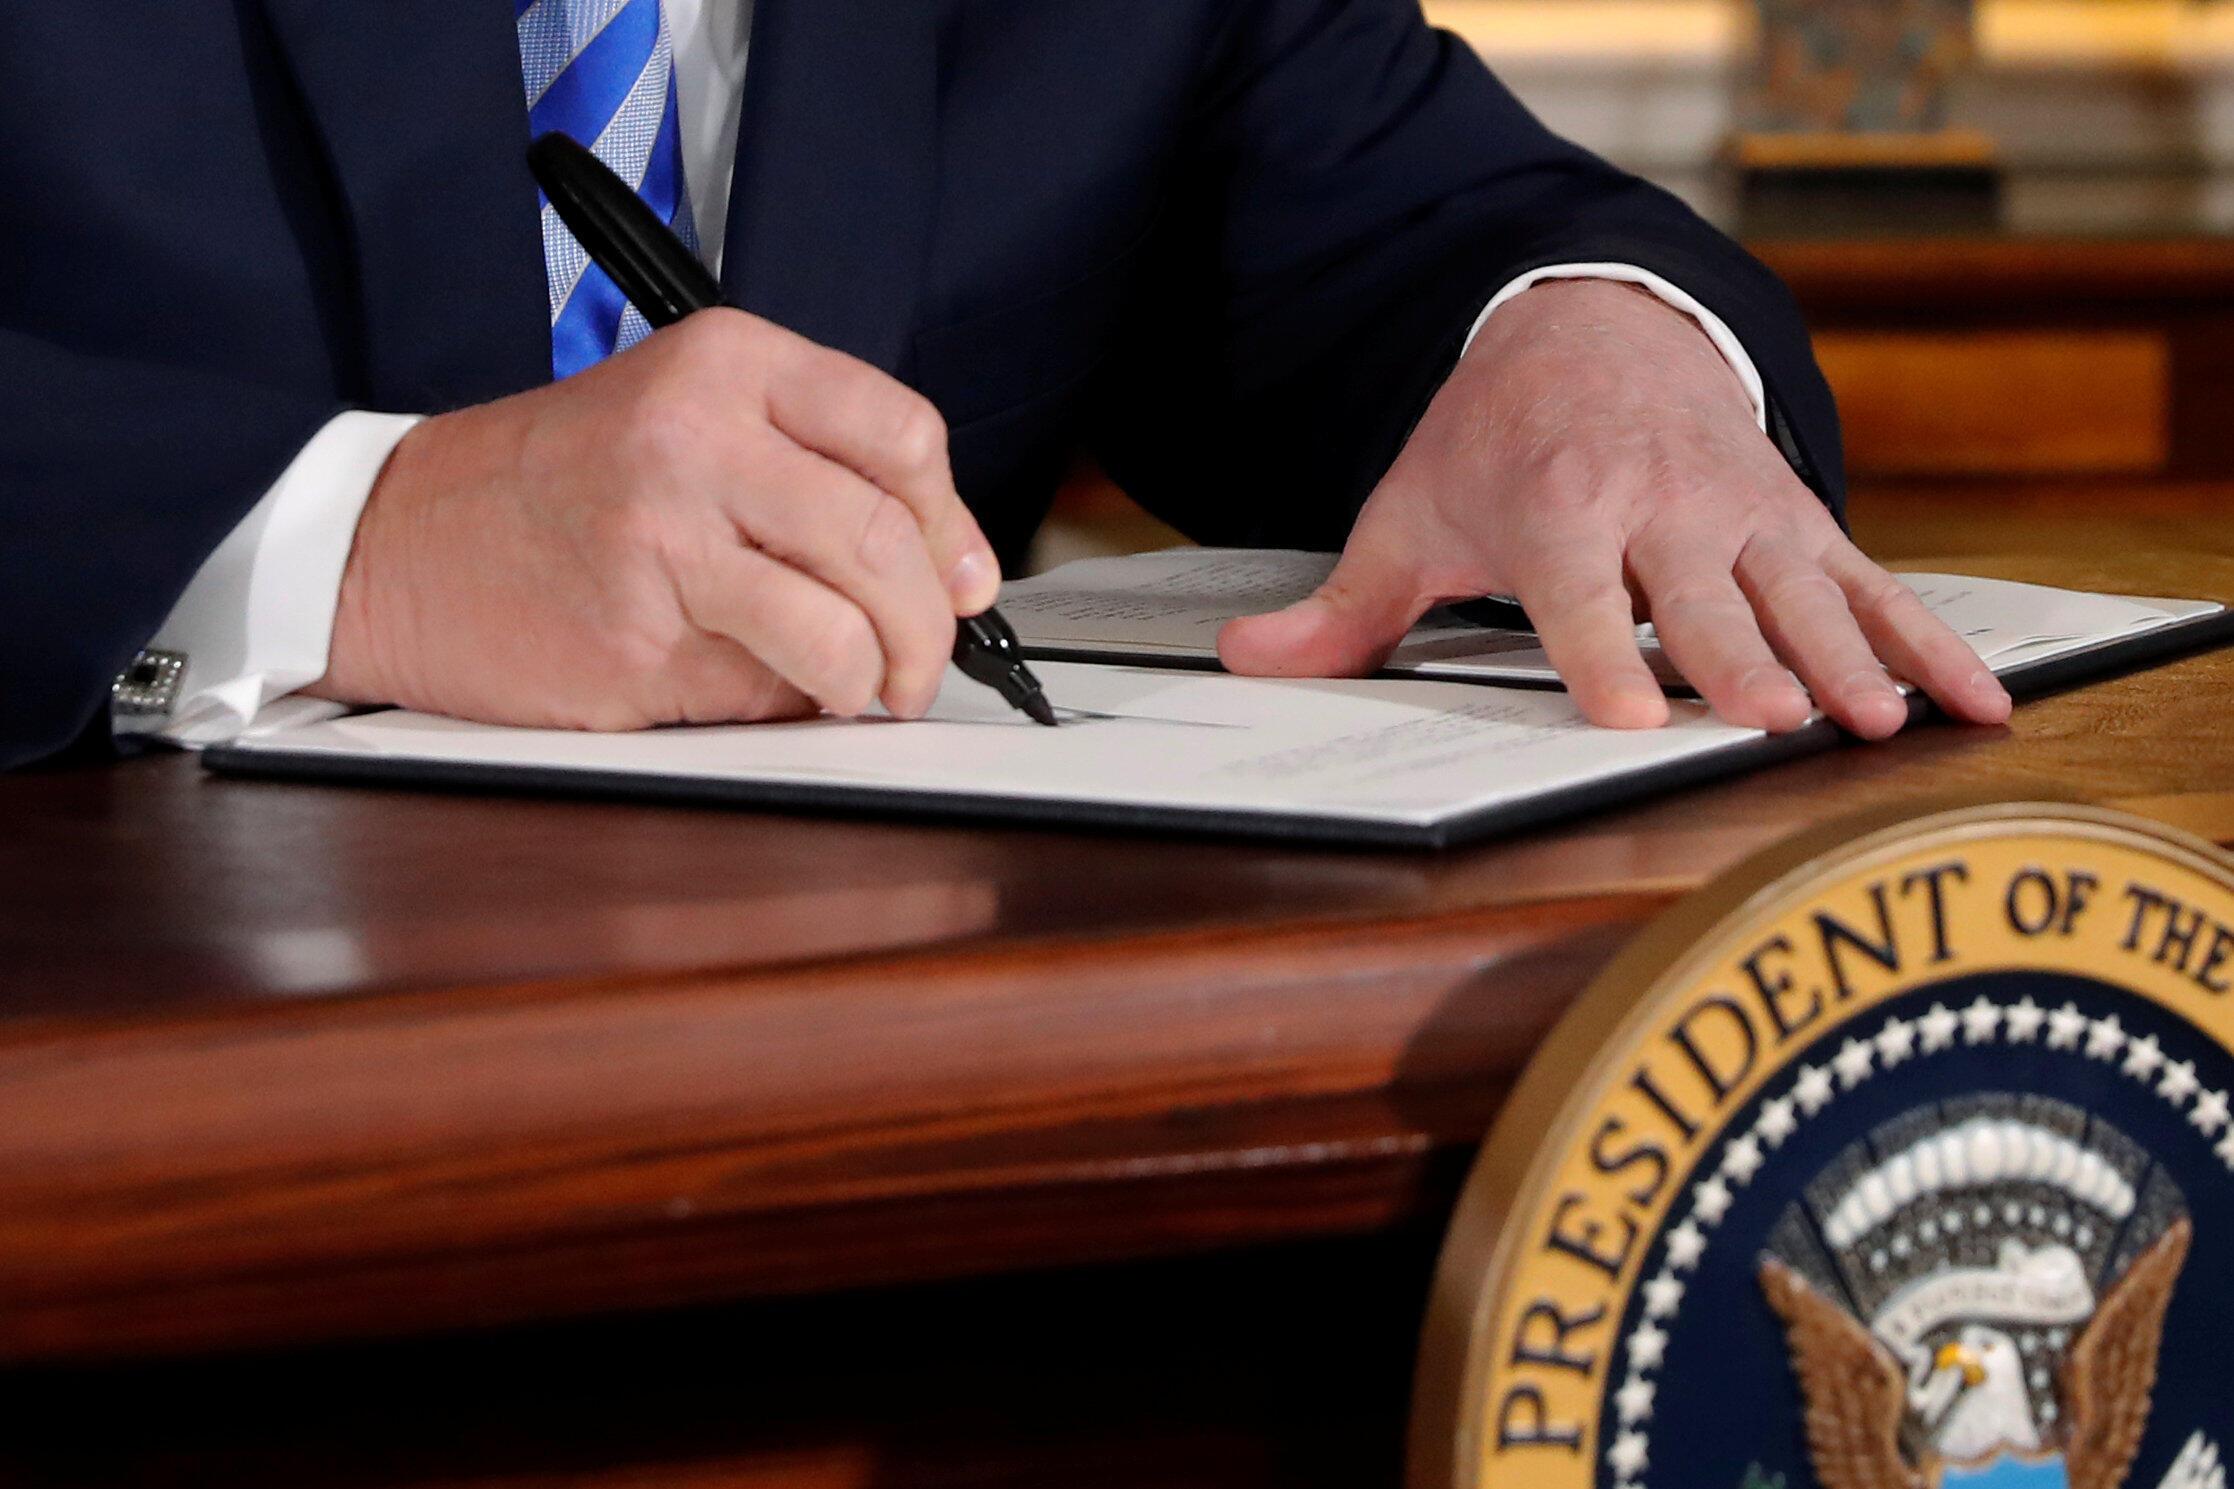 Le président Trump signe le décret actant le retrait des Etats-Unis de l'accord international sur le nucléaire iranien, à la Maison Blanche, le 8 mai 2018.